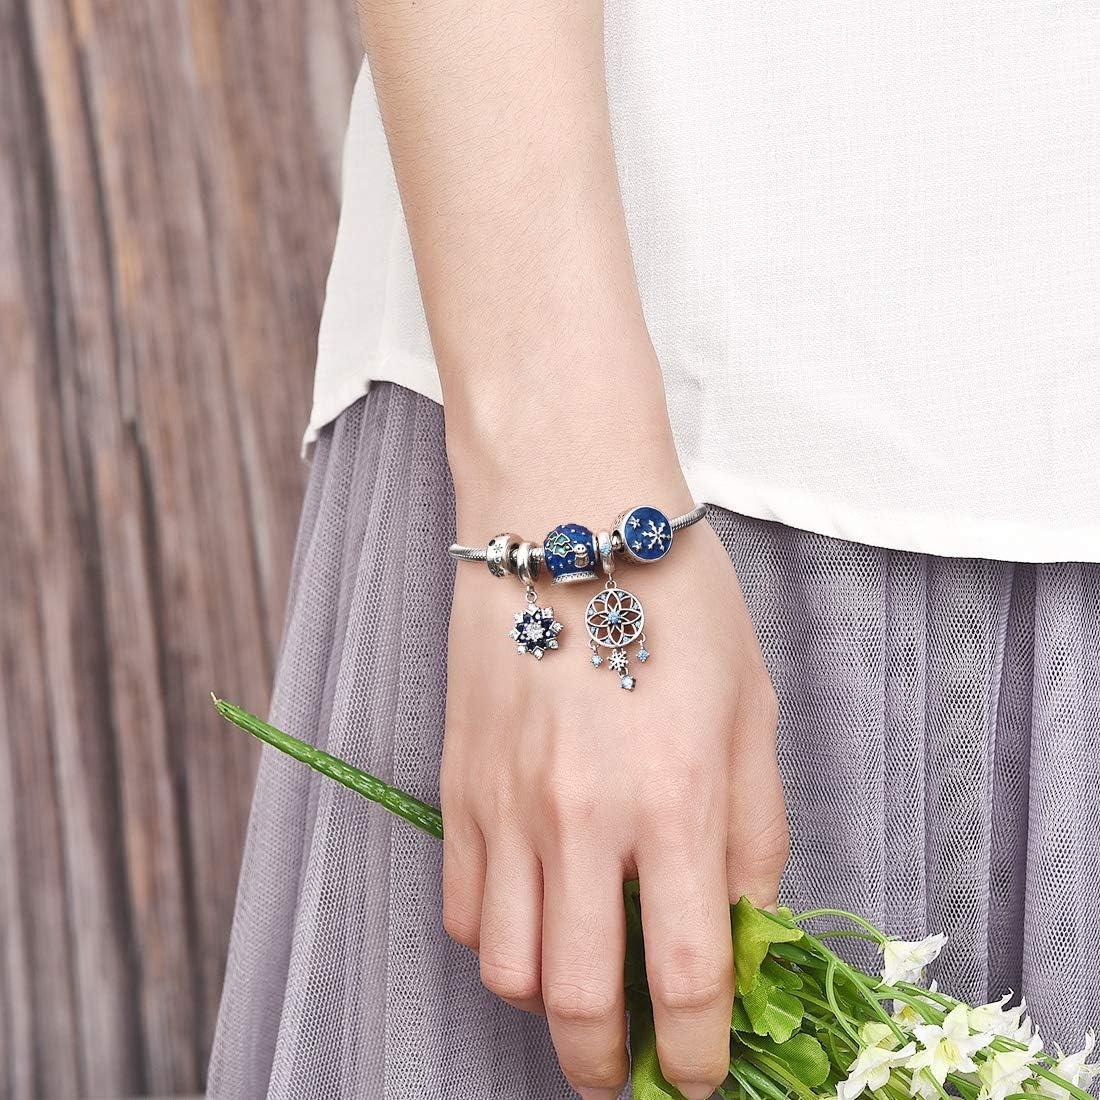 JIAYIQI Femmes Murano Verre Breloques Perle 925 en Argent Sterling Charme Fleur color/ée Charme fit Bracelets Bracelets Collier